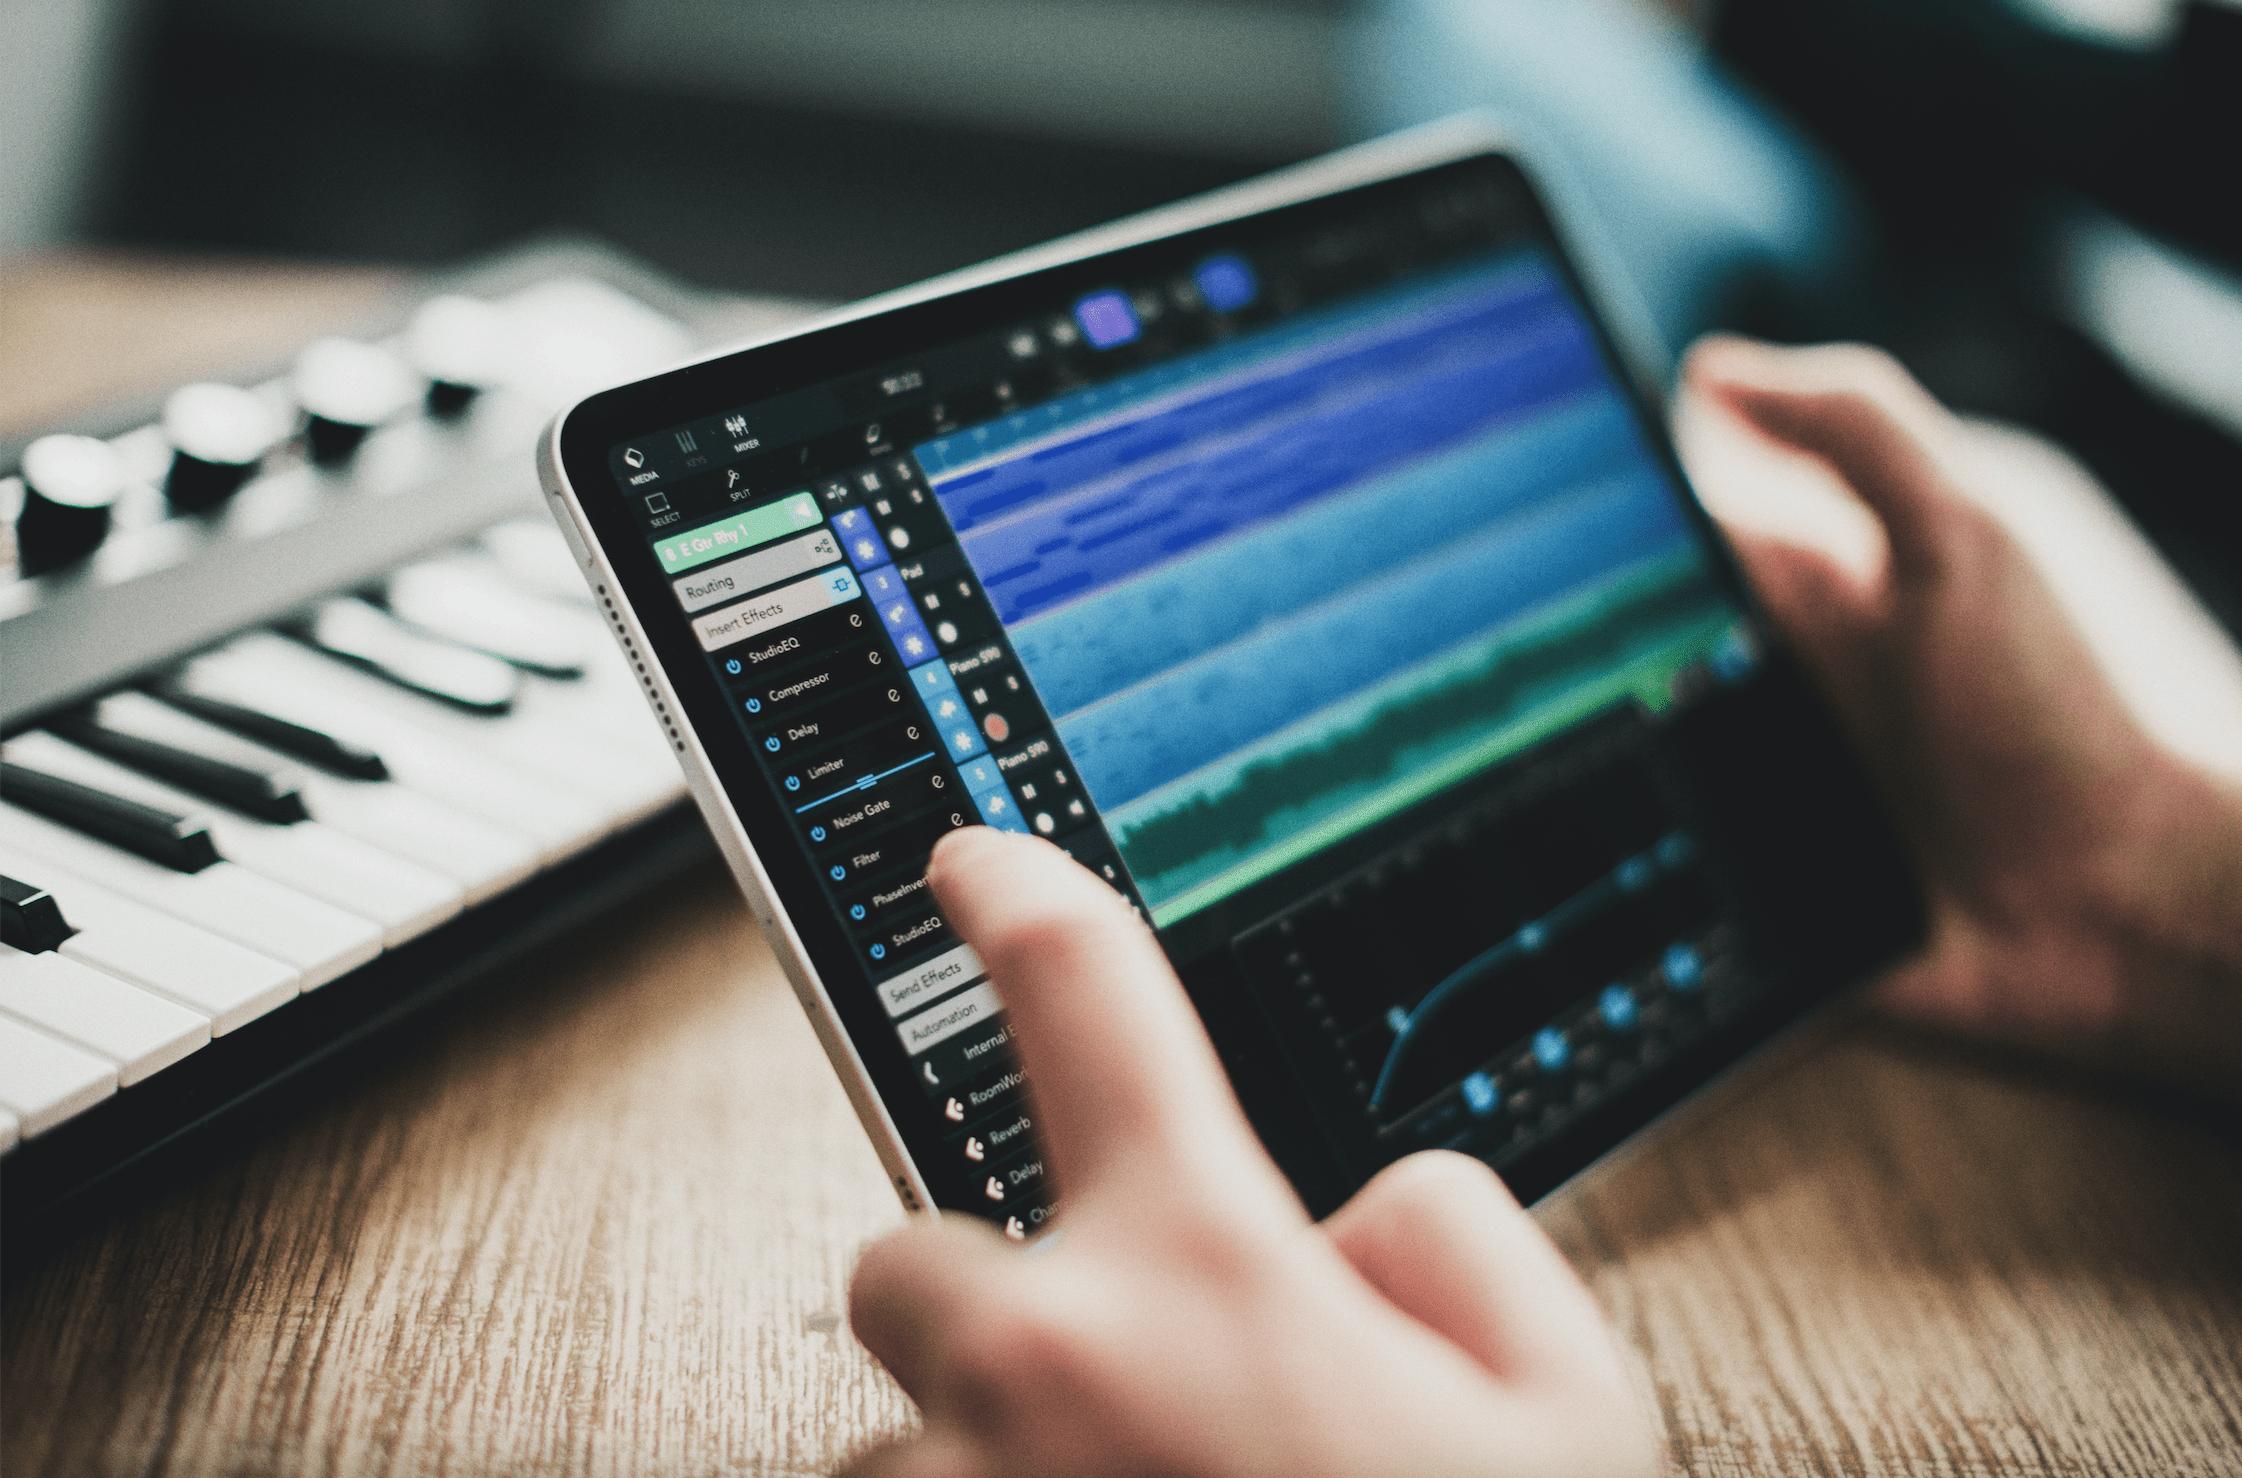 Manos sujetando ipad con Cubasis 3 y teclado